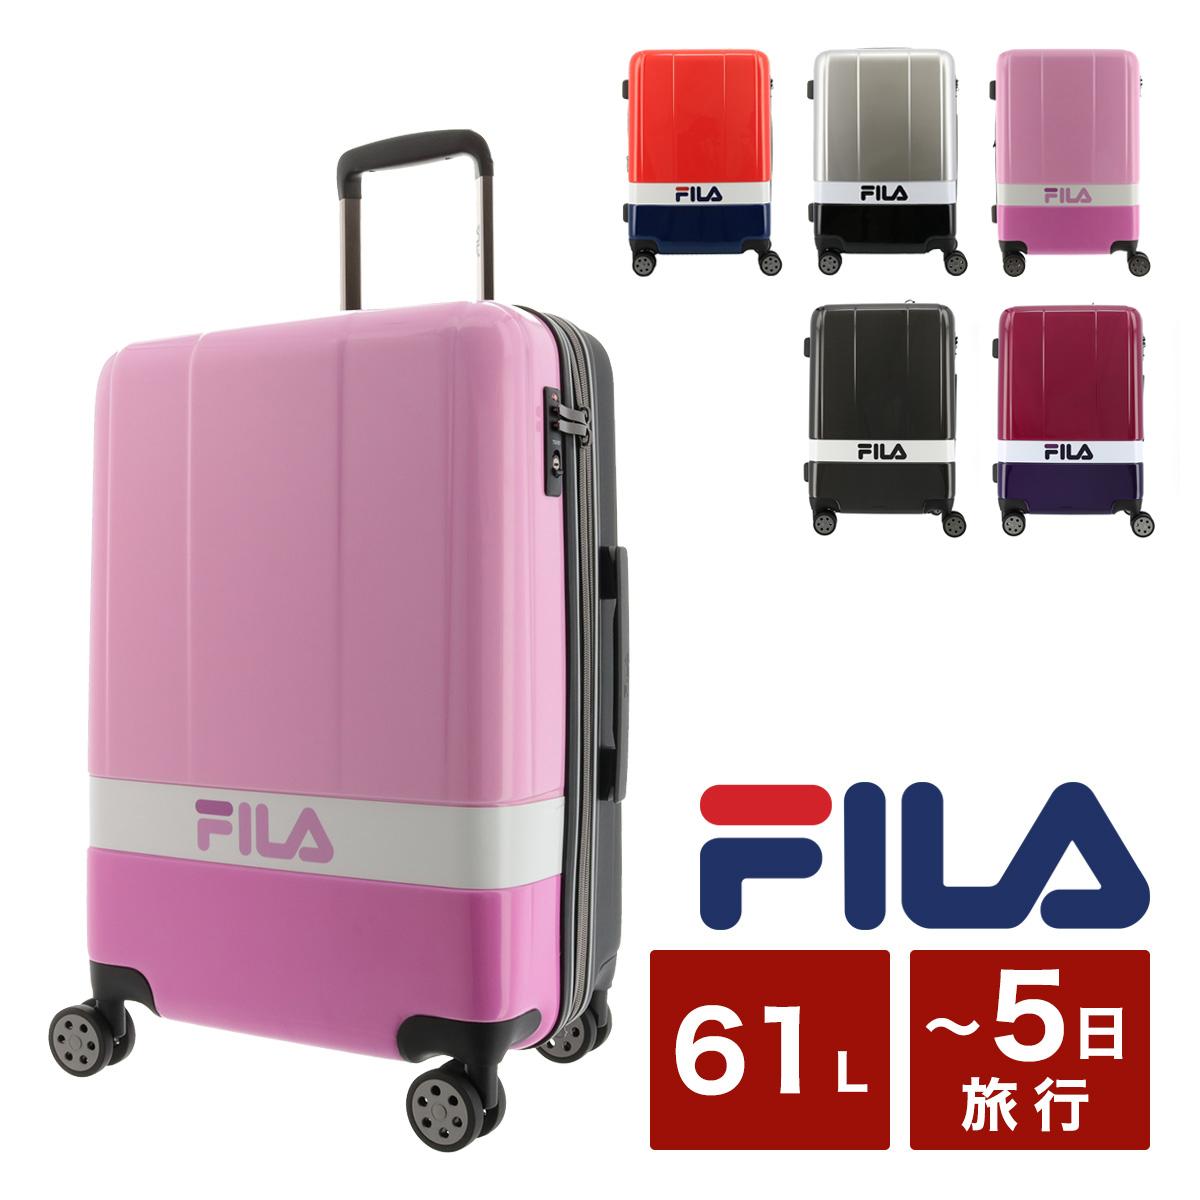 フィラ スーツケース 拡張|53L/61L 56cm 3.7kg 260-1001|ハード ファスナー TSAロック搭載 おしゃれ キャリーバッグ キャリーケース [bef][即日発送]